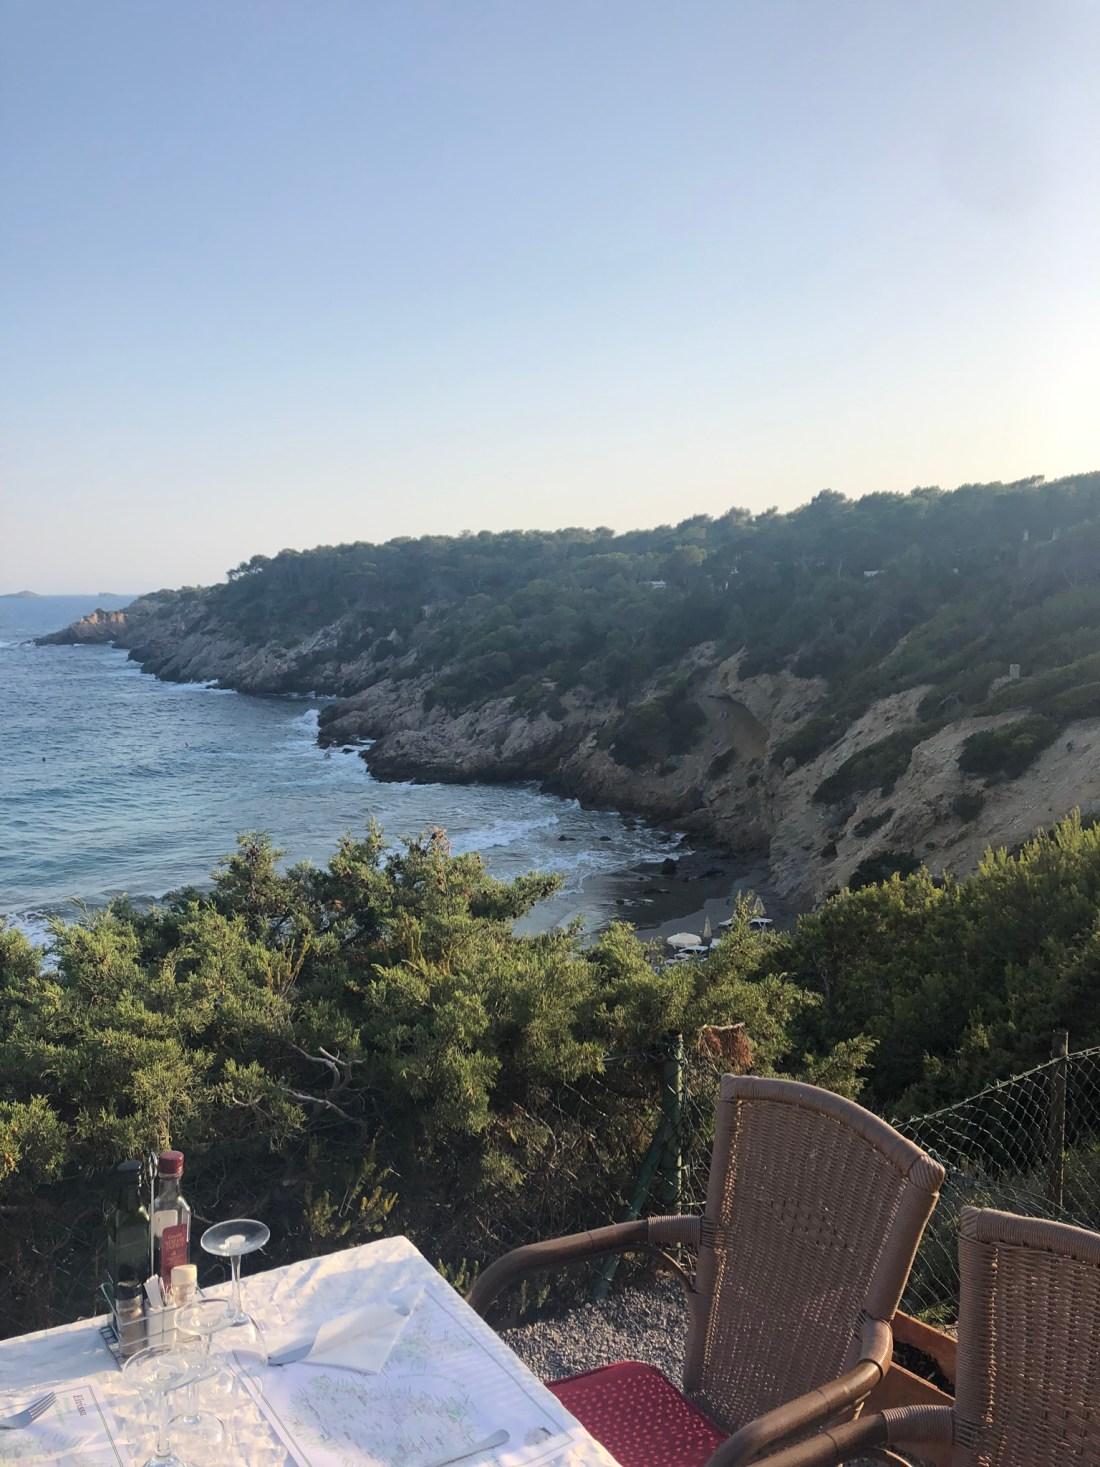 Best places to visit in Ibiza: La Noria, Cala Boix, Santa Eulalia del Rio